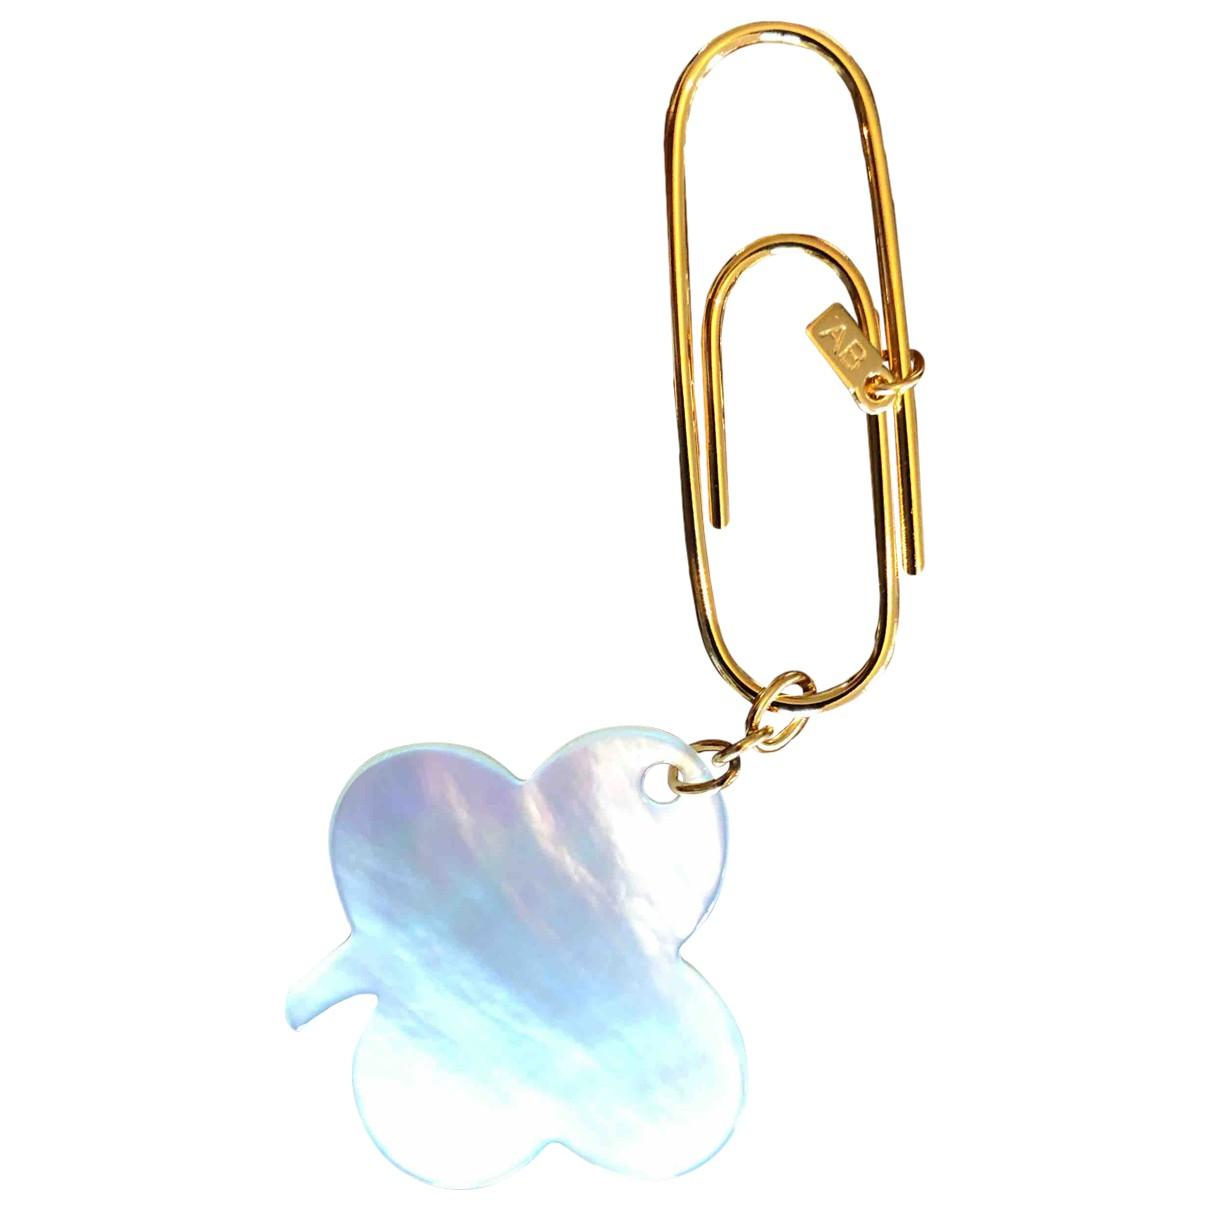 Aurelie Bidermann N White Gold plated Bag charms for Women N